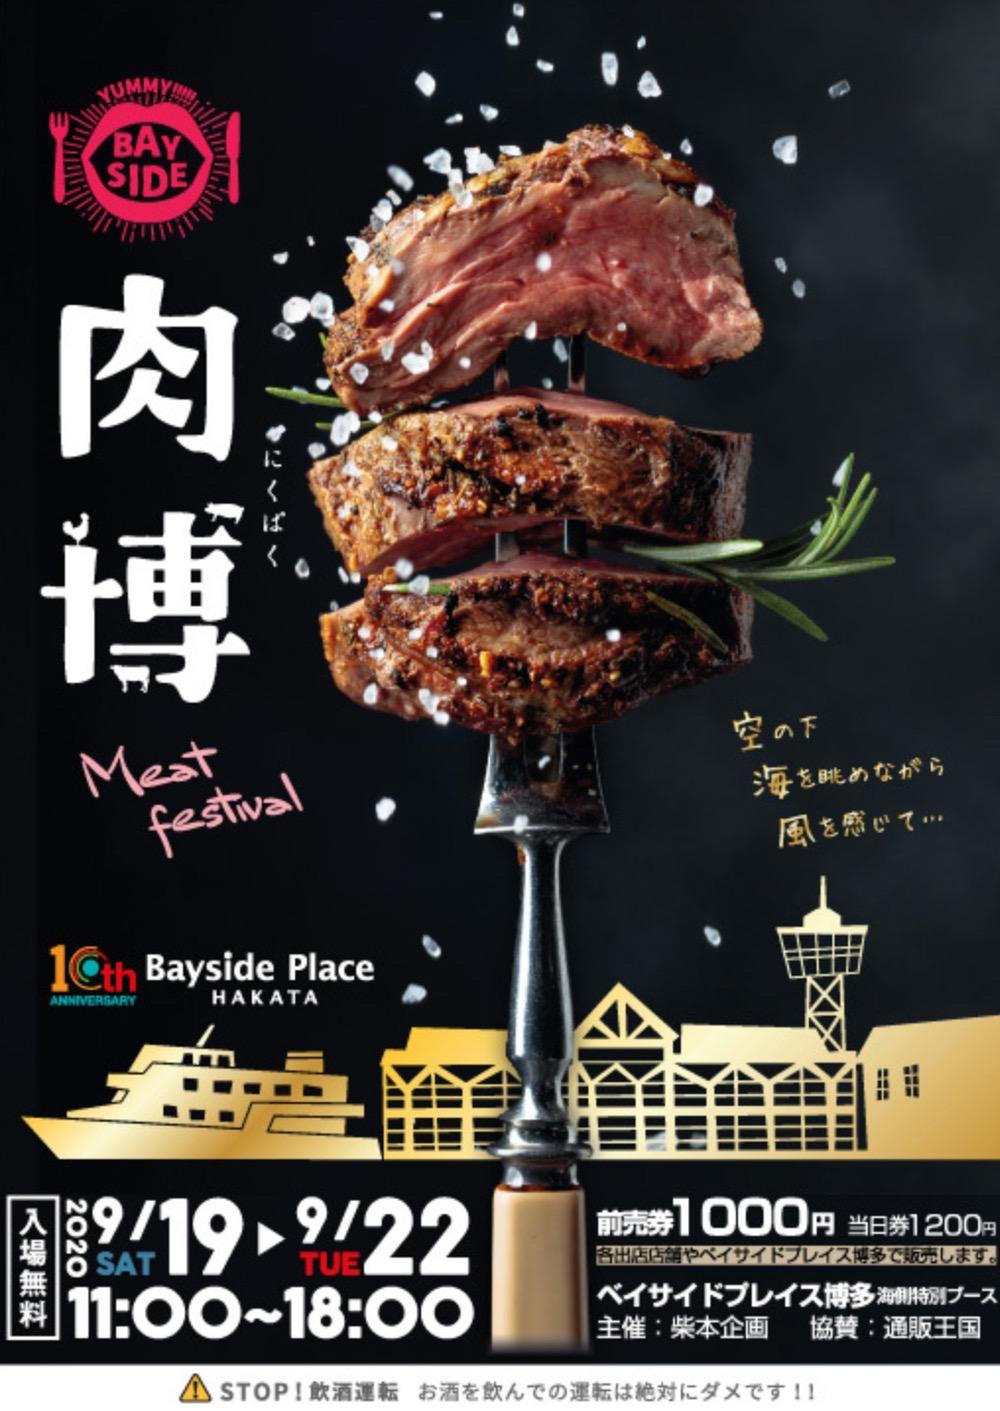 肉博(にくパク)2020 久留米のMALIBUが初出店!肉好きのためのイベント